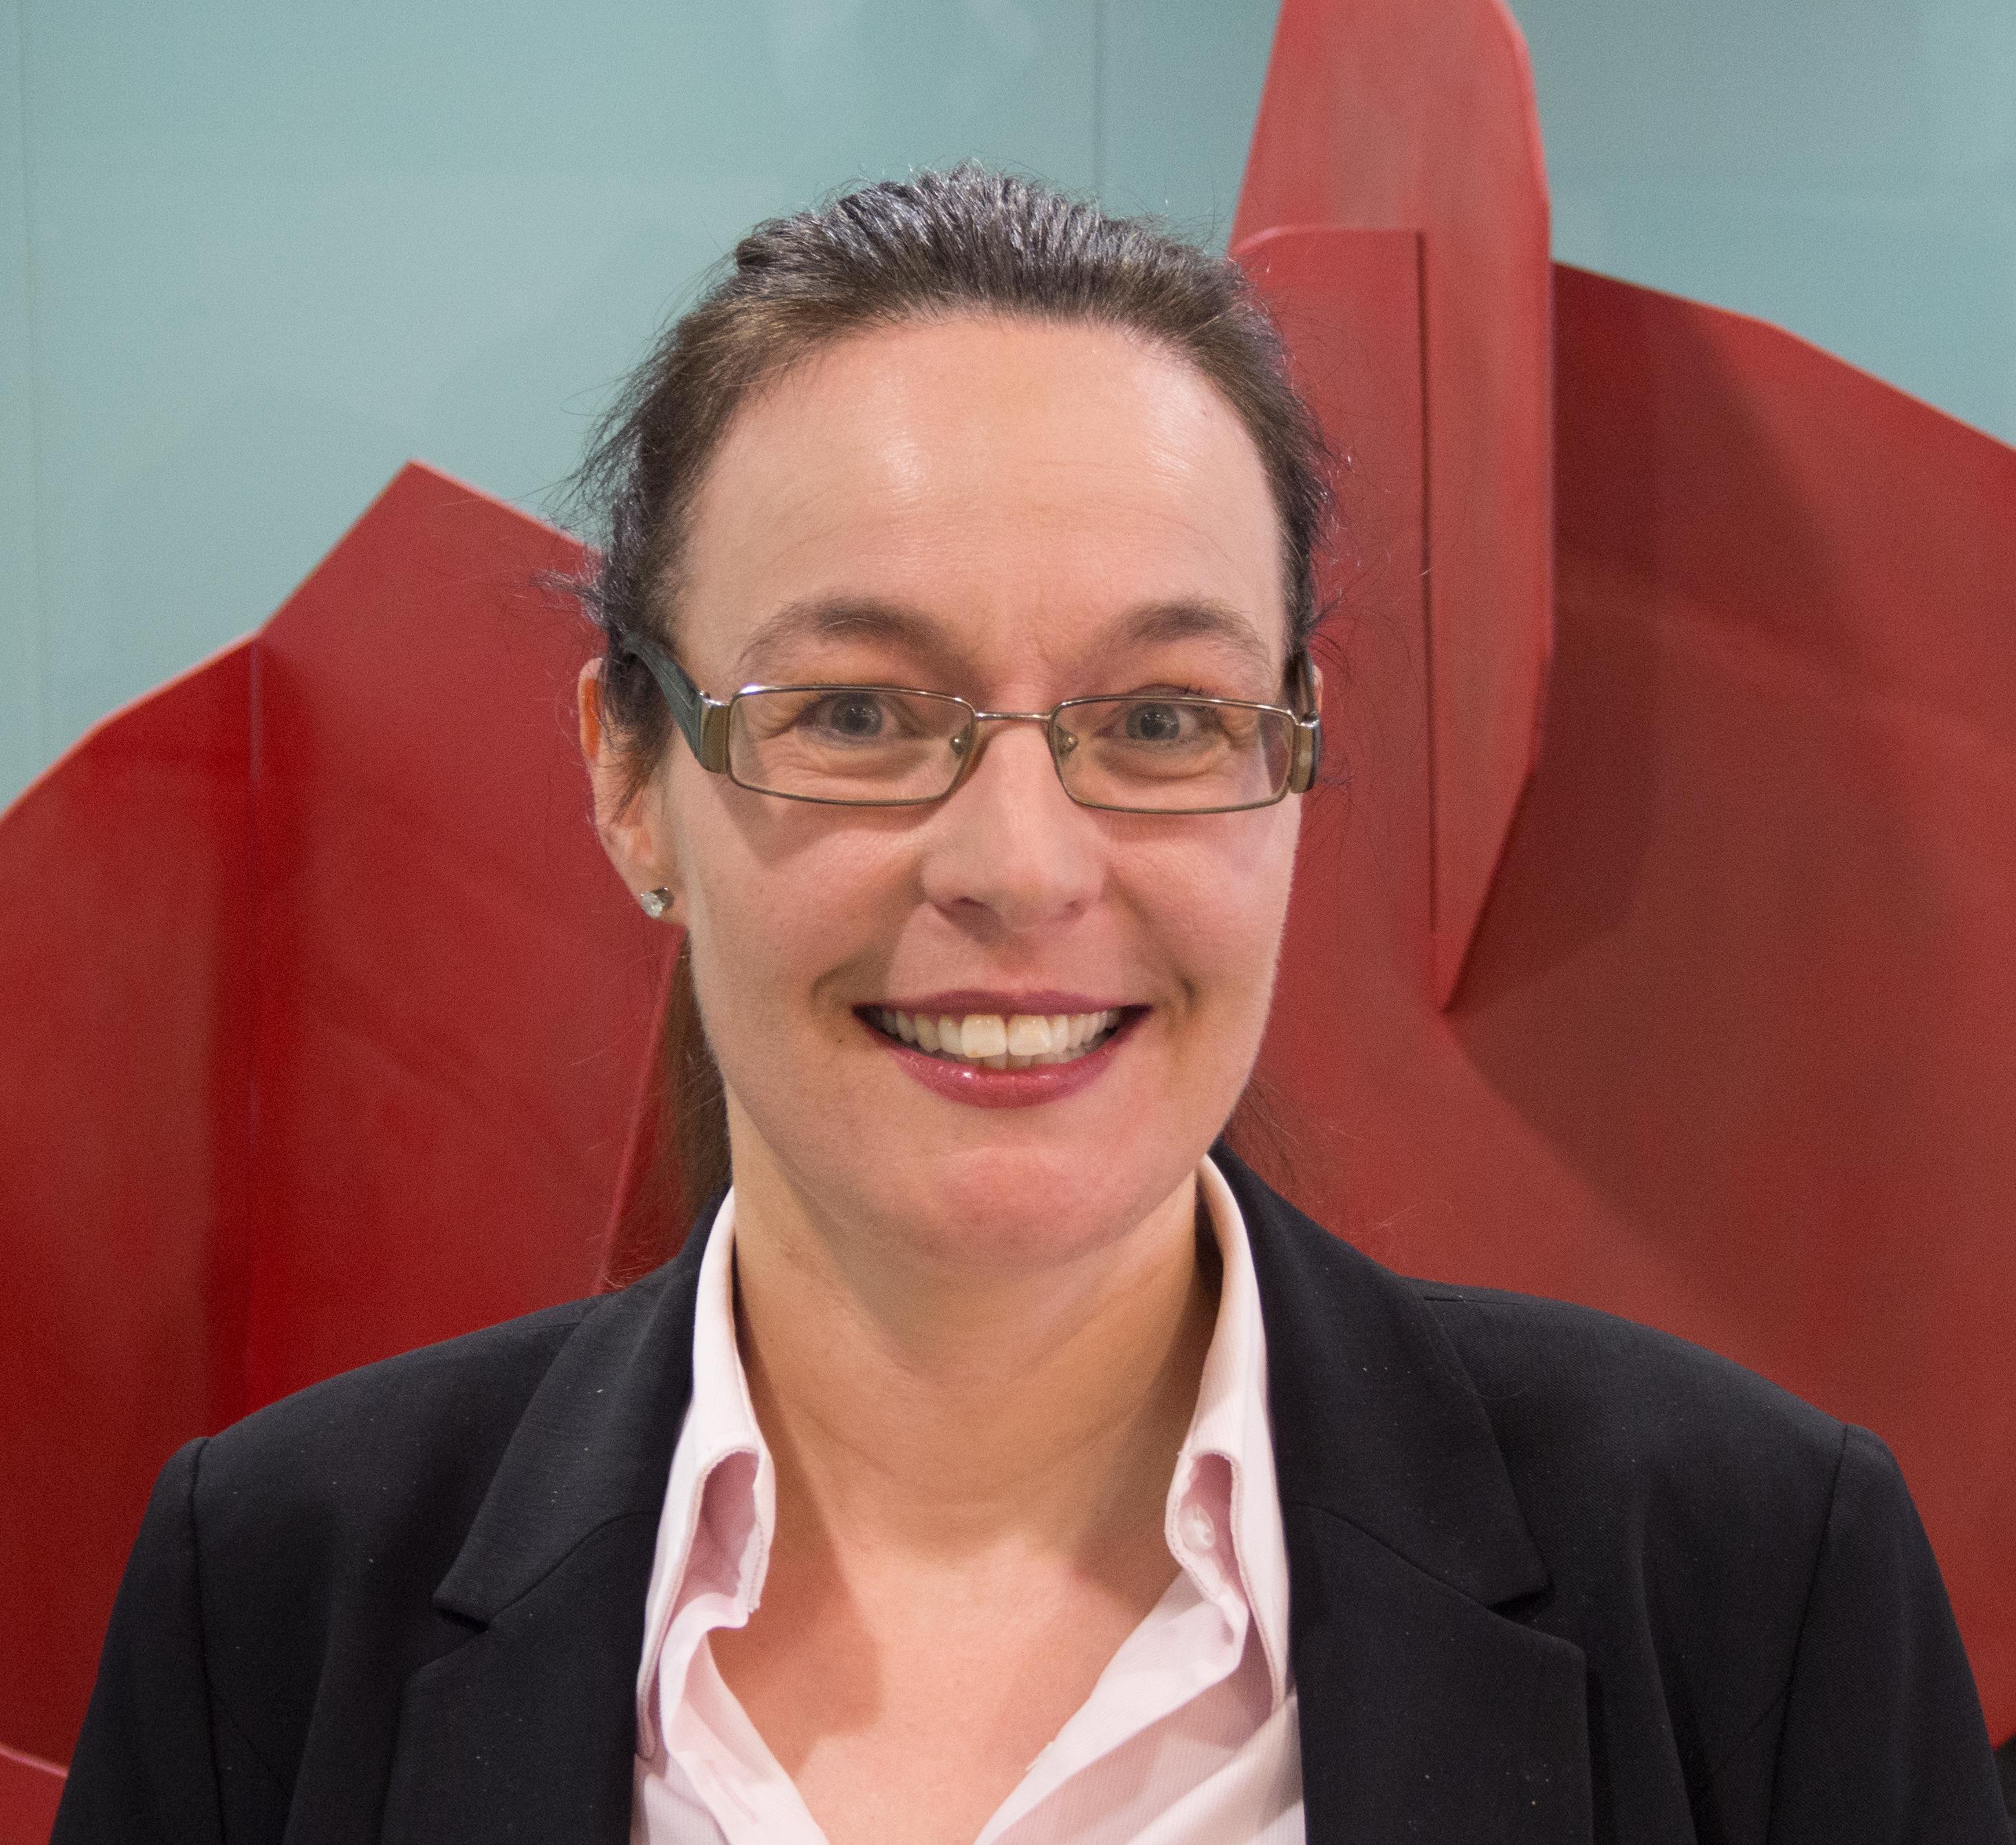 Deborah Siemensma,   BA, LLB (Hons), LLM